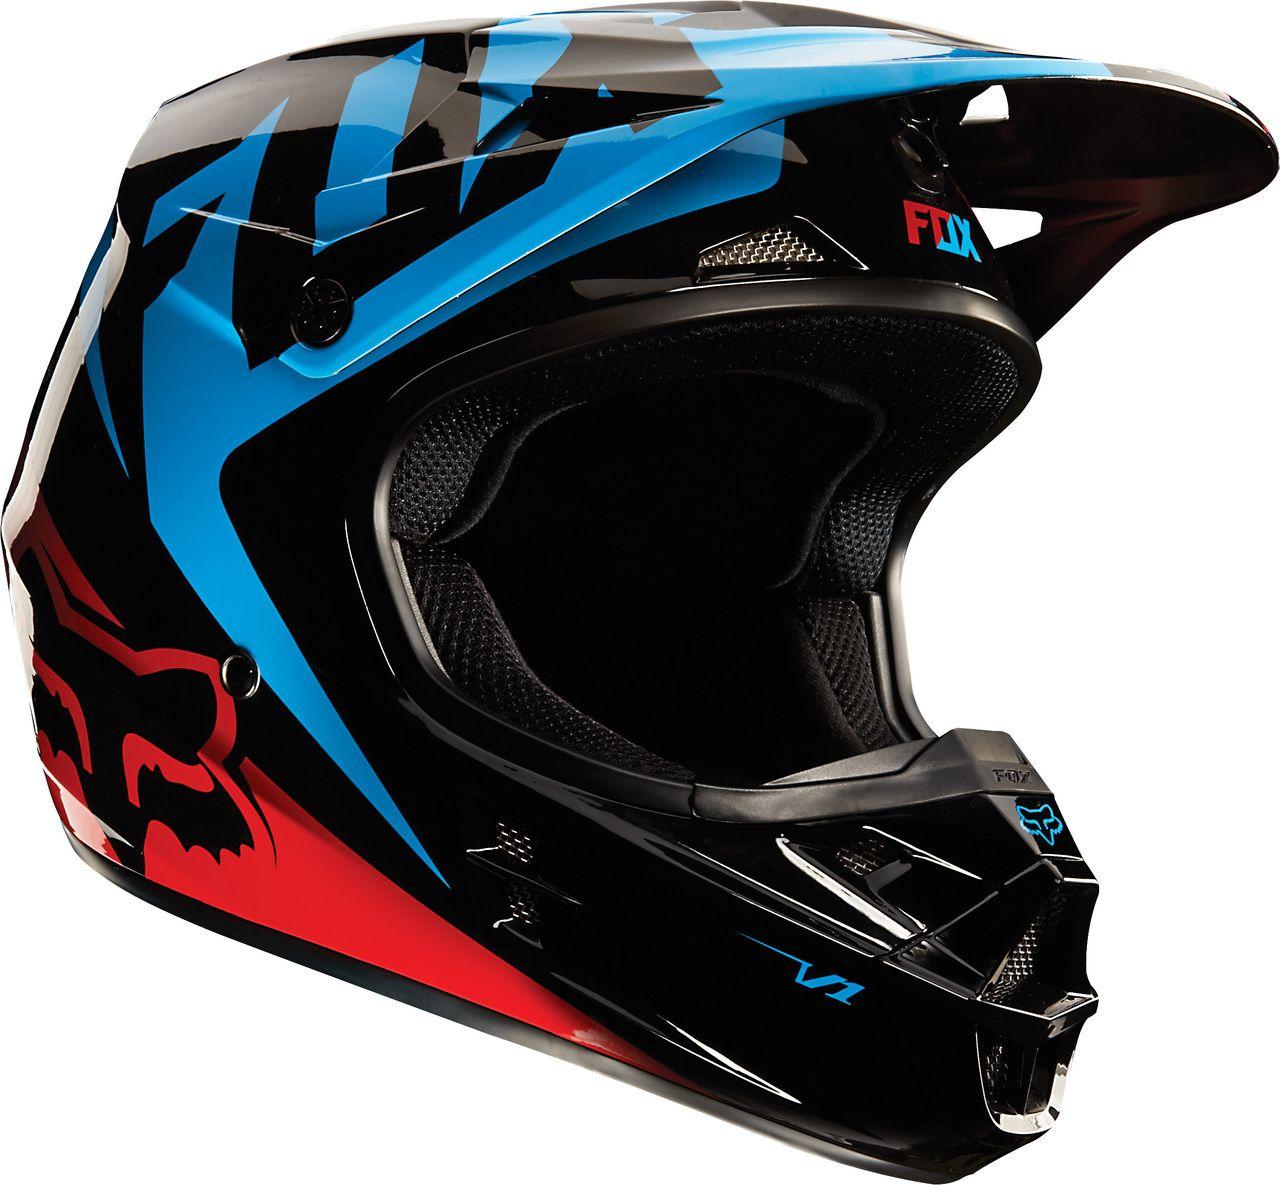 Fox V1 Race Helmet (With images) Motocross helmets